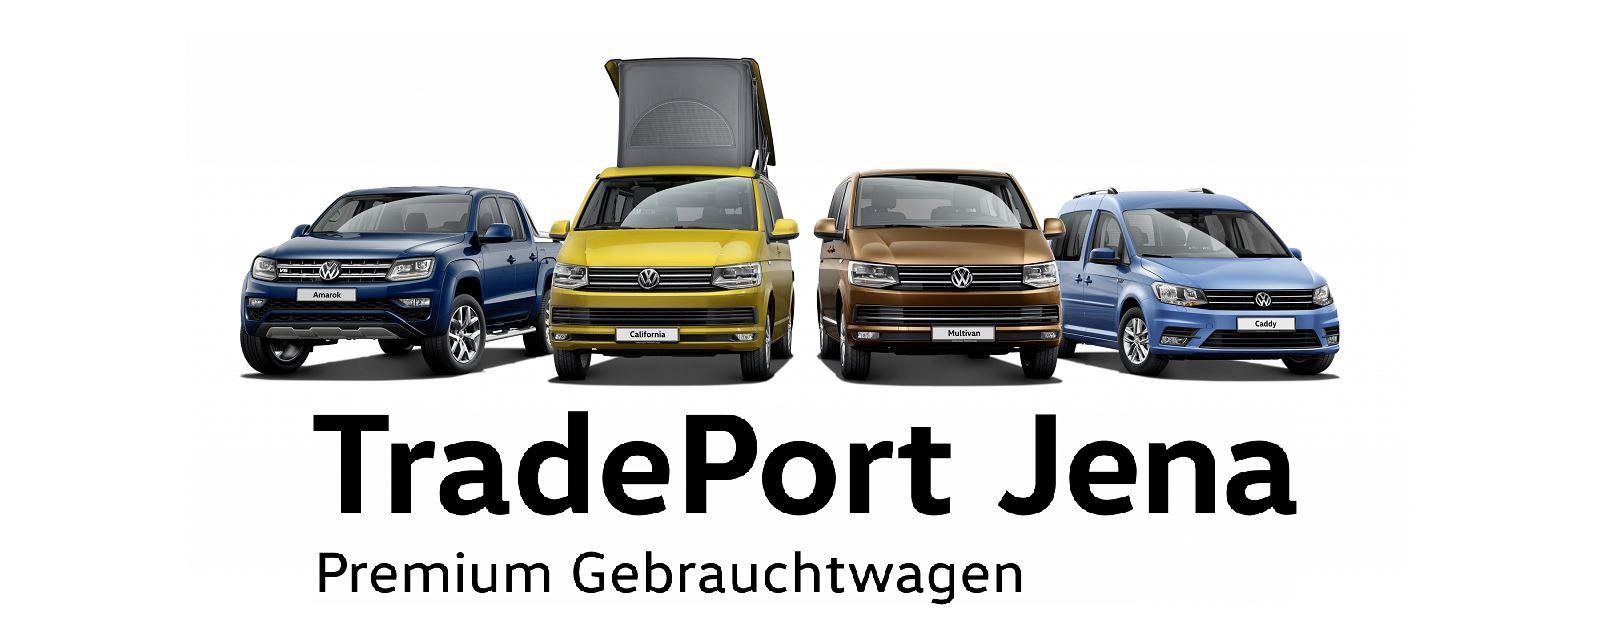 """TradePort – """"DasWeltauto"""" von VW Nutzfahrzeuge"""